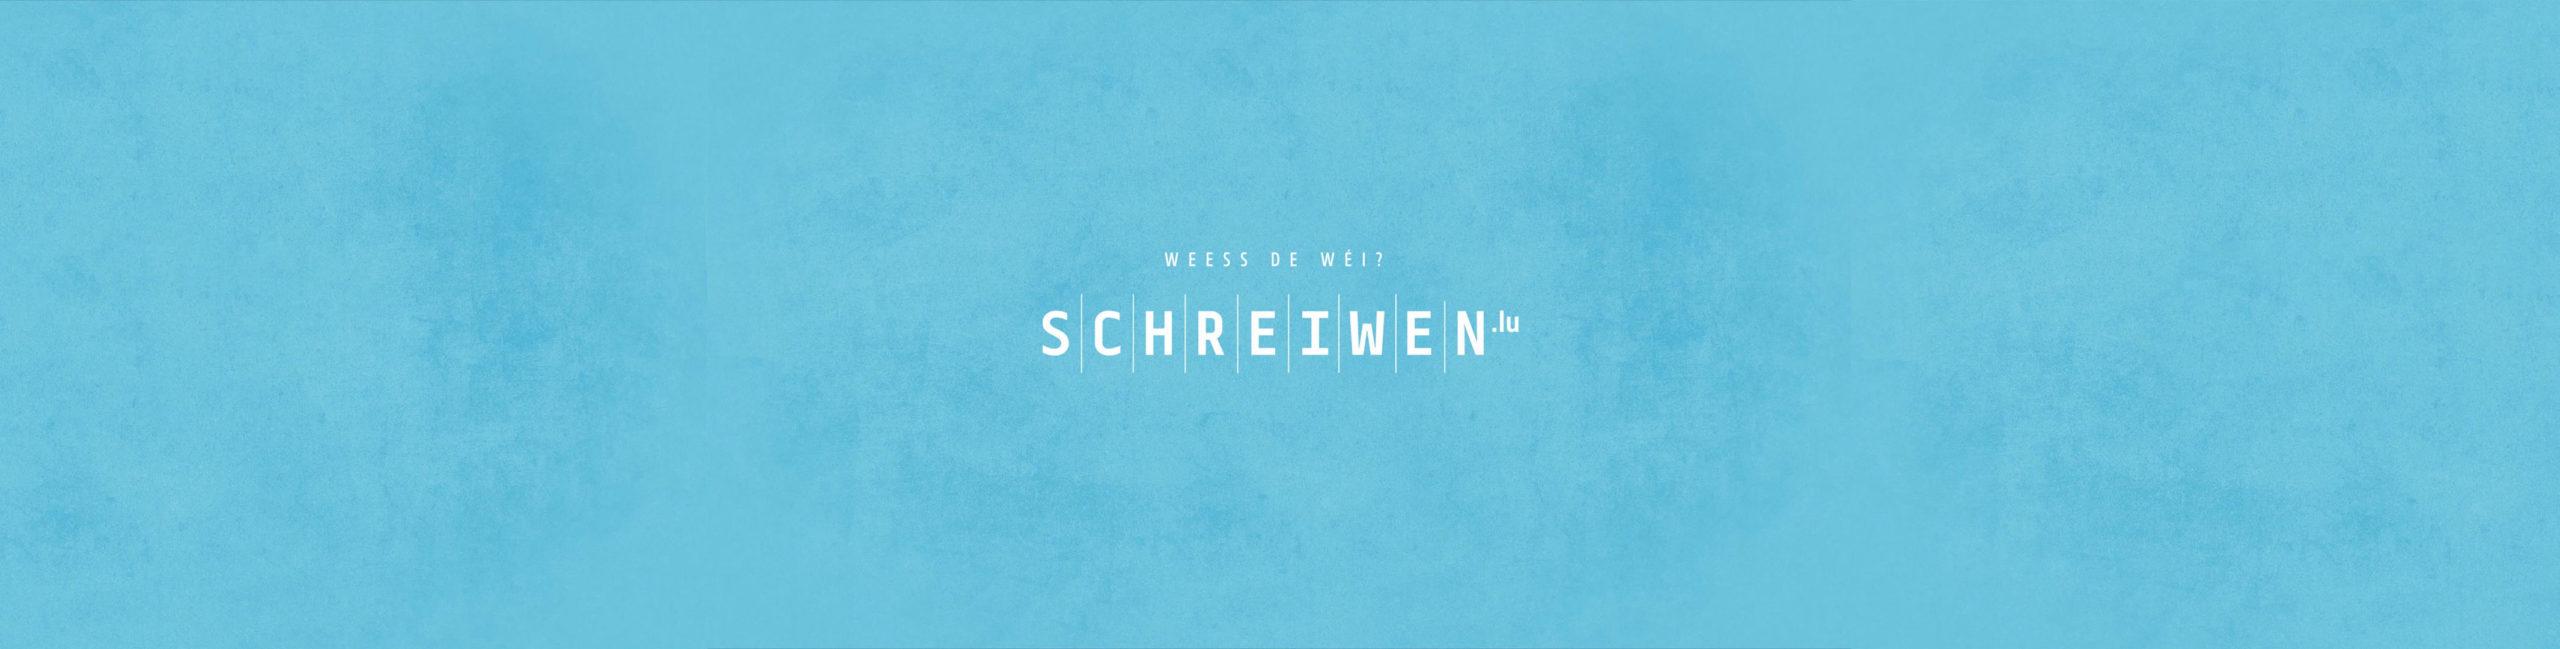 Schreiwen-lu_Titel-2